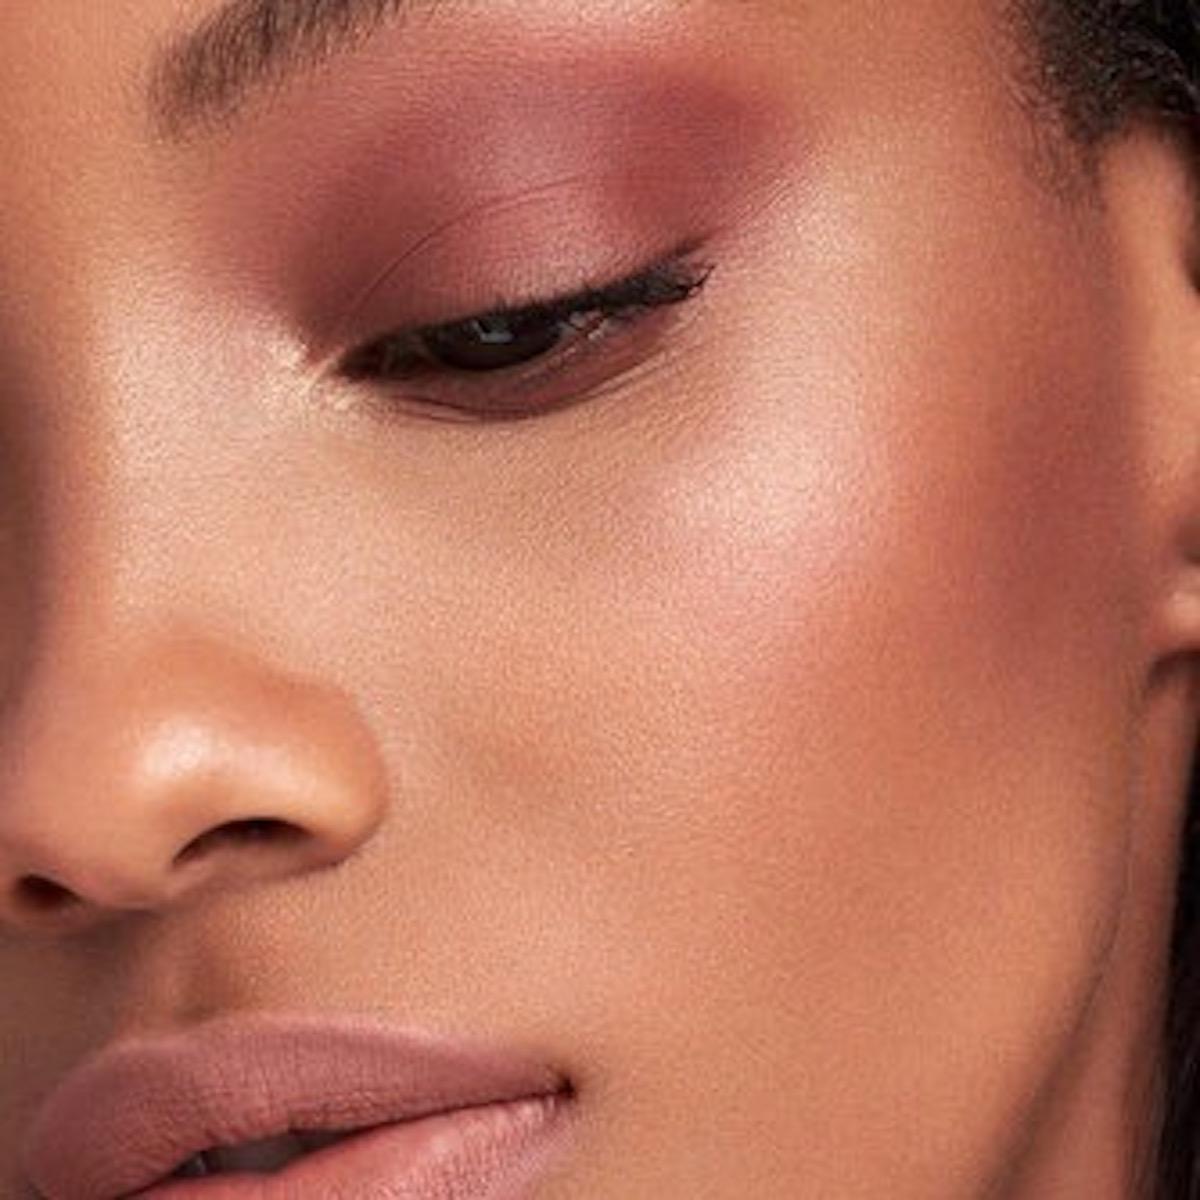 Lotique makeup trenden videz beautyfull blog